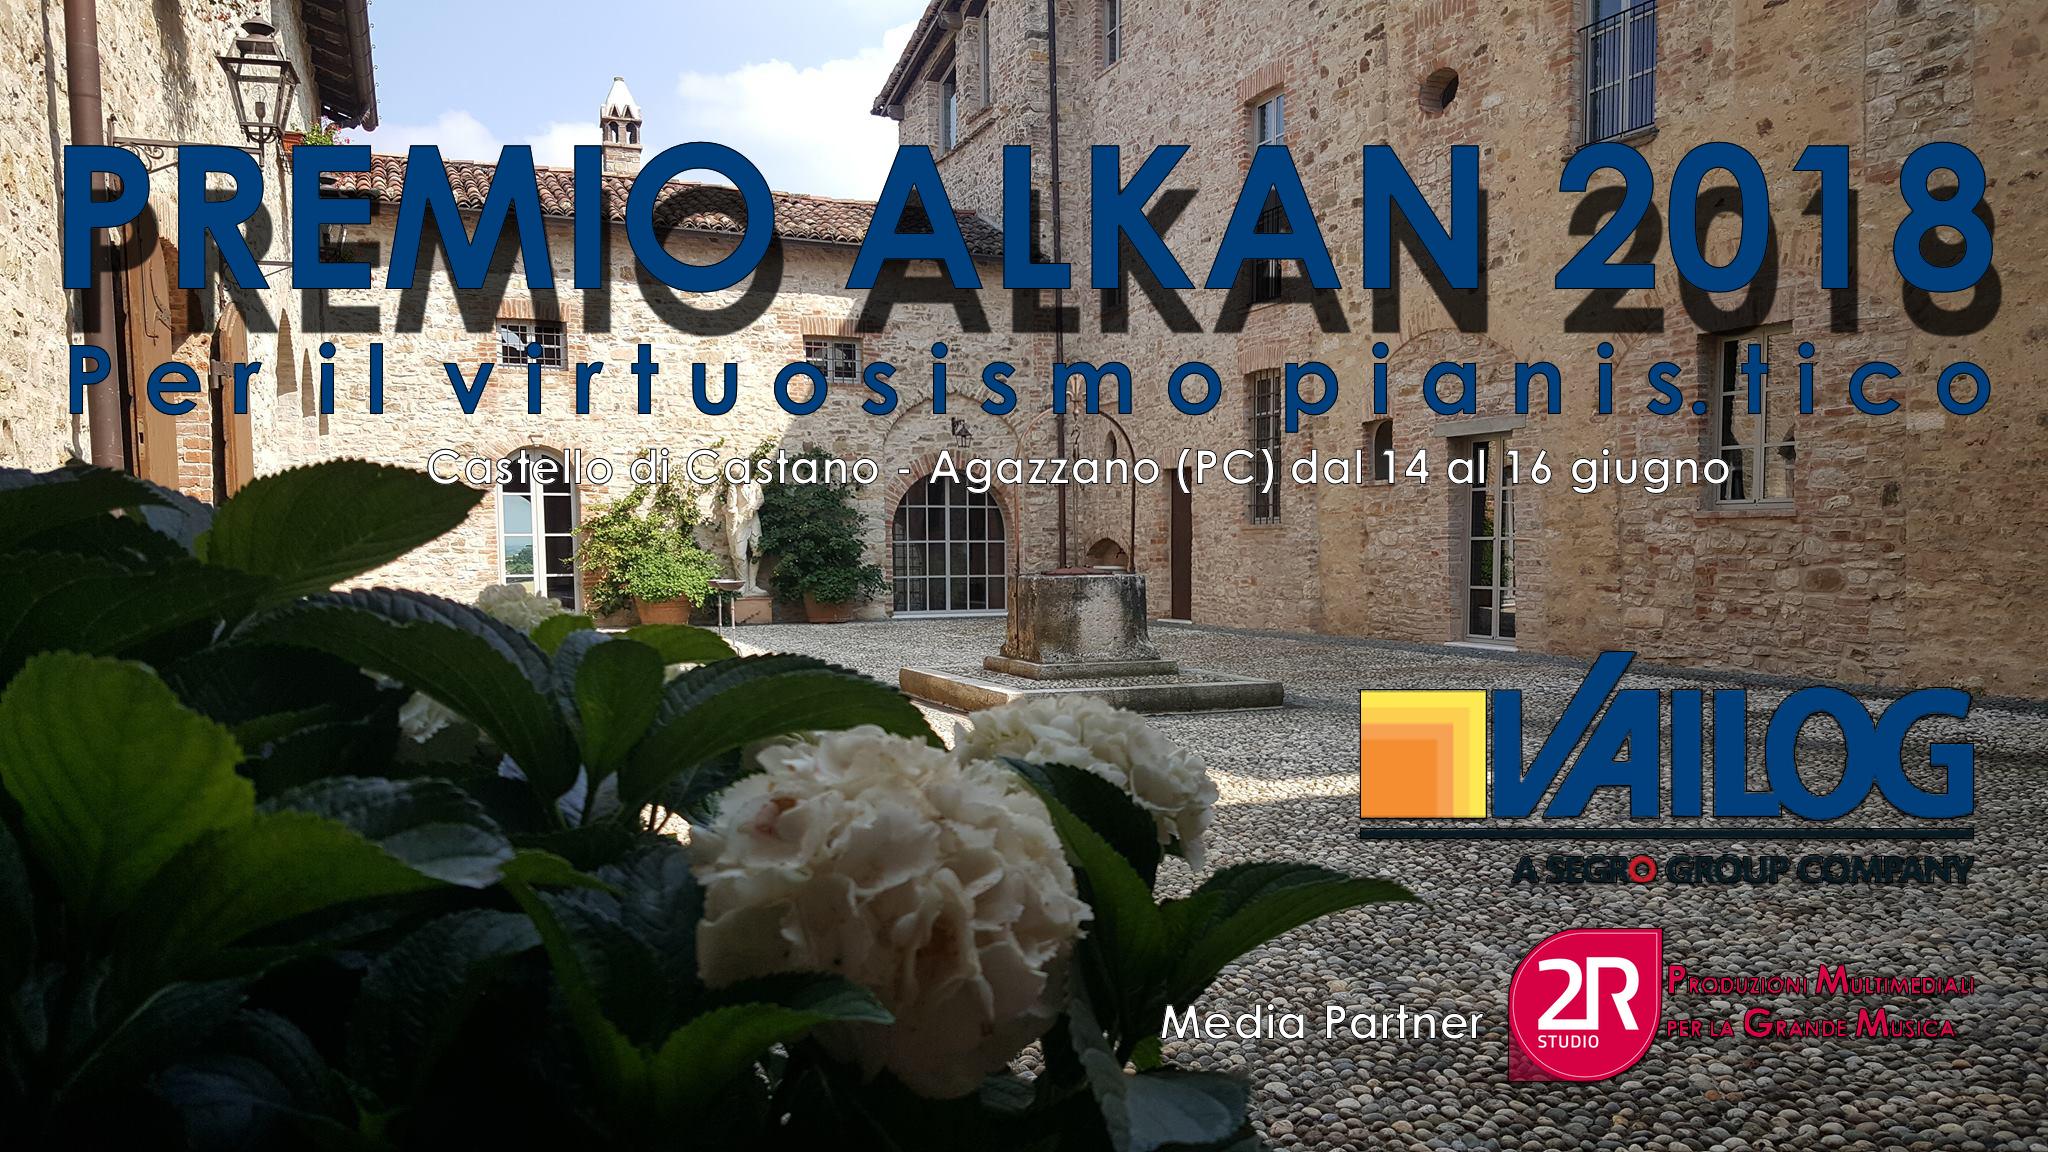 Premio Alkan 2018 - dal Castello di Castano in live streaming la serata del Premio Alkan con la vincitrice del premio Lavinia Bertulli a cura della 2R Studio Produzioni Multimediali.